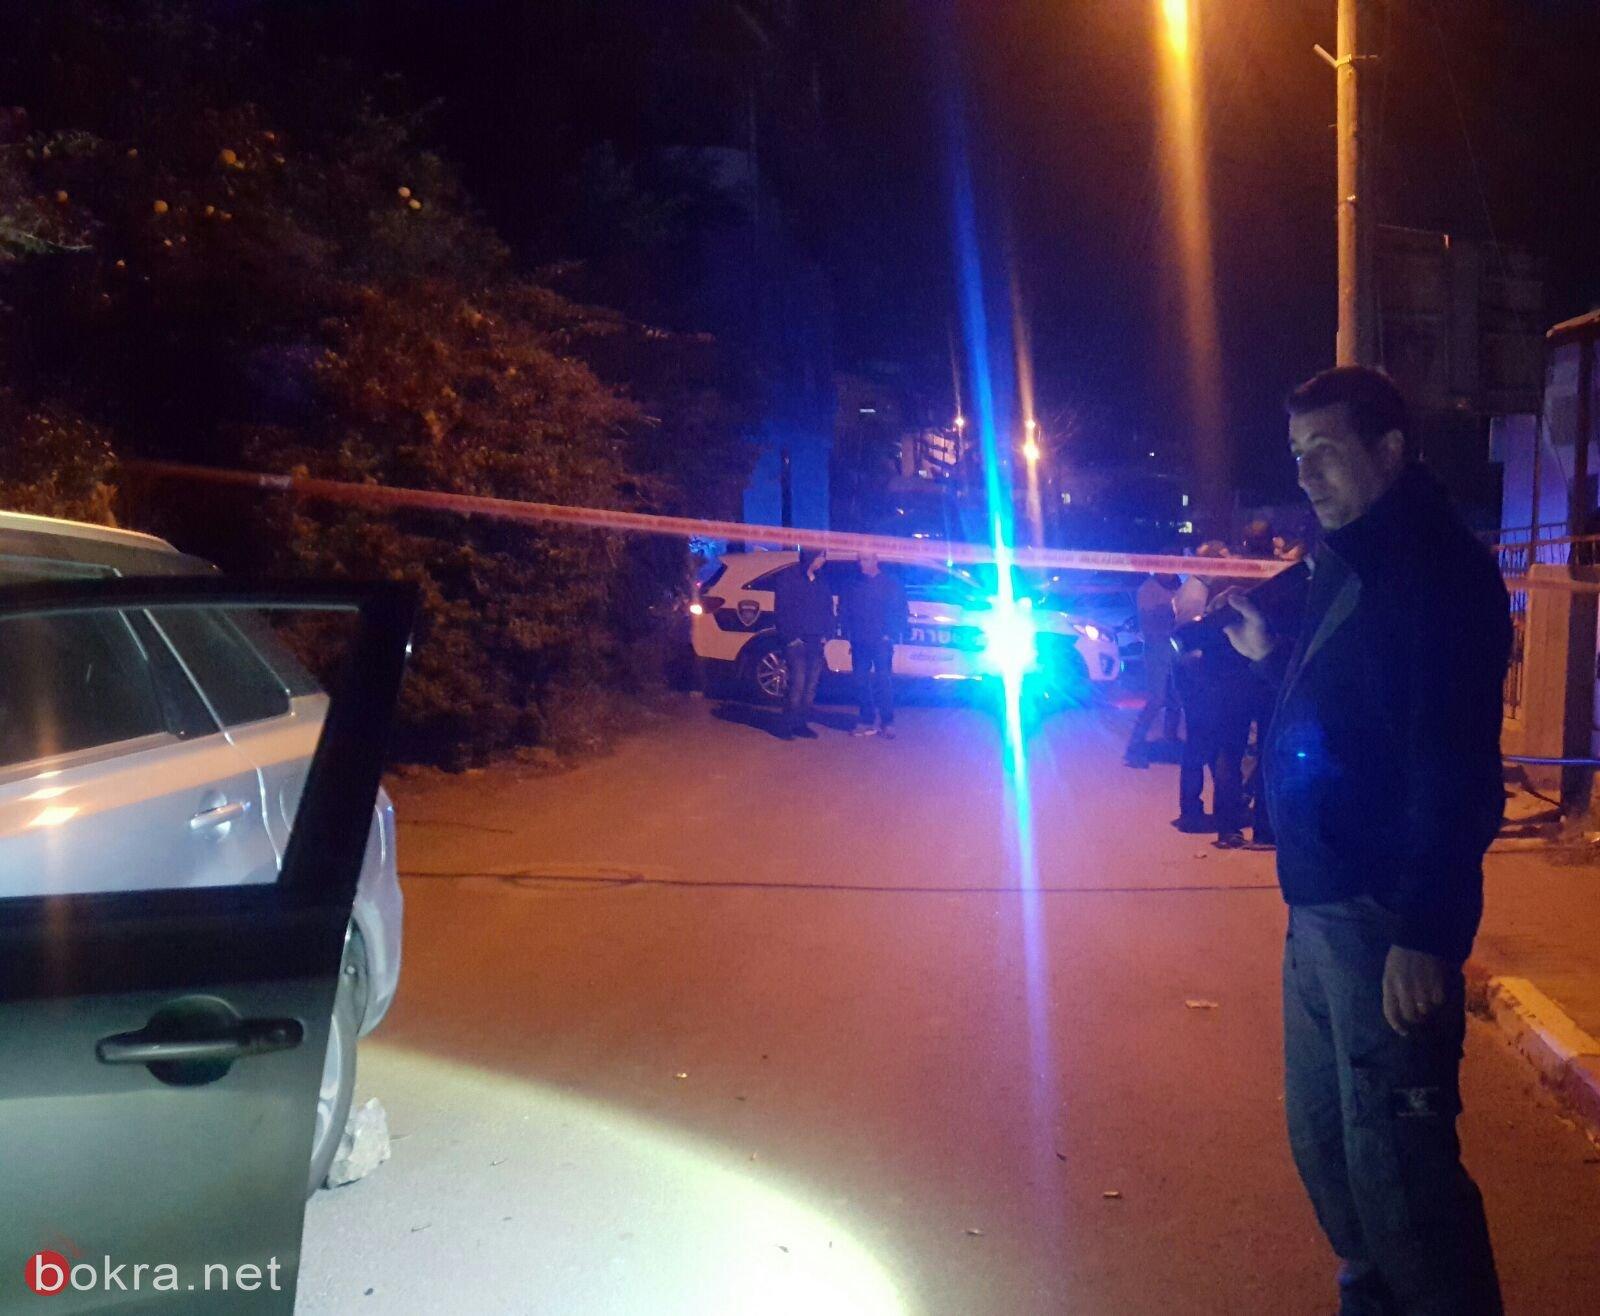 مقتل الشاب سعيد قبلان (30 عامًا) من بلدة بيت جن جراء اطلاق نار